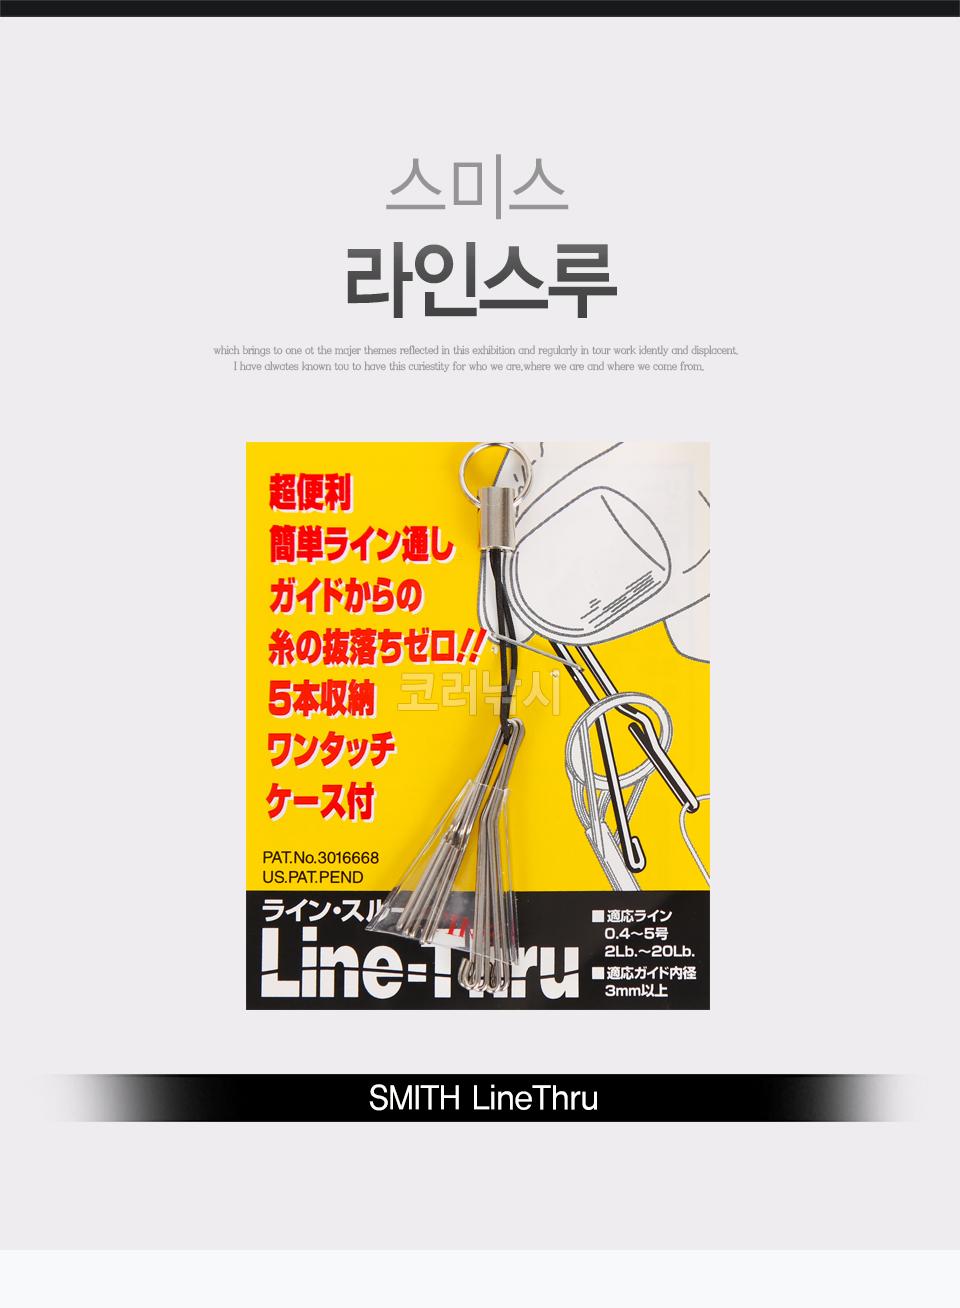 스미스 라인스루 (SMITH LineThru) 라인-스루 Line-Thru 가이드줄뽑기 이지라인스루 라인쓰루